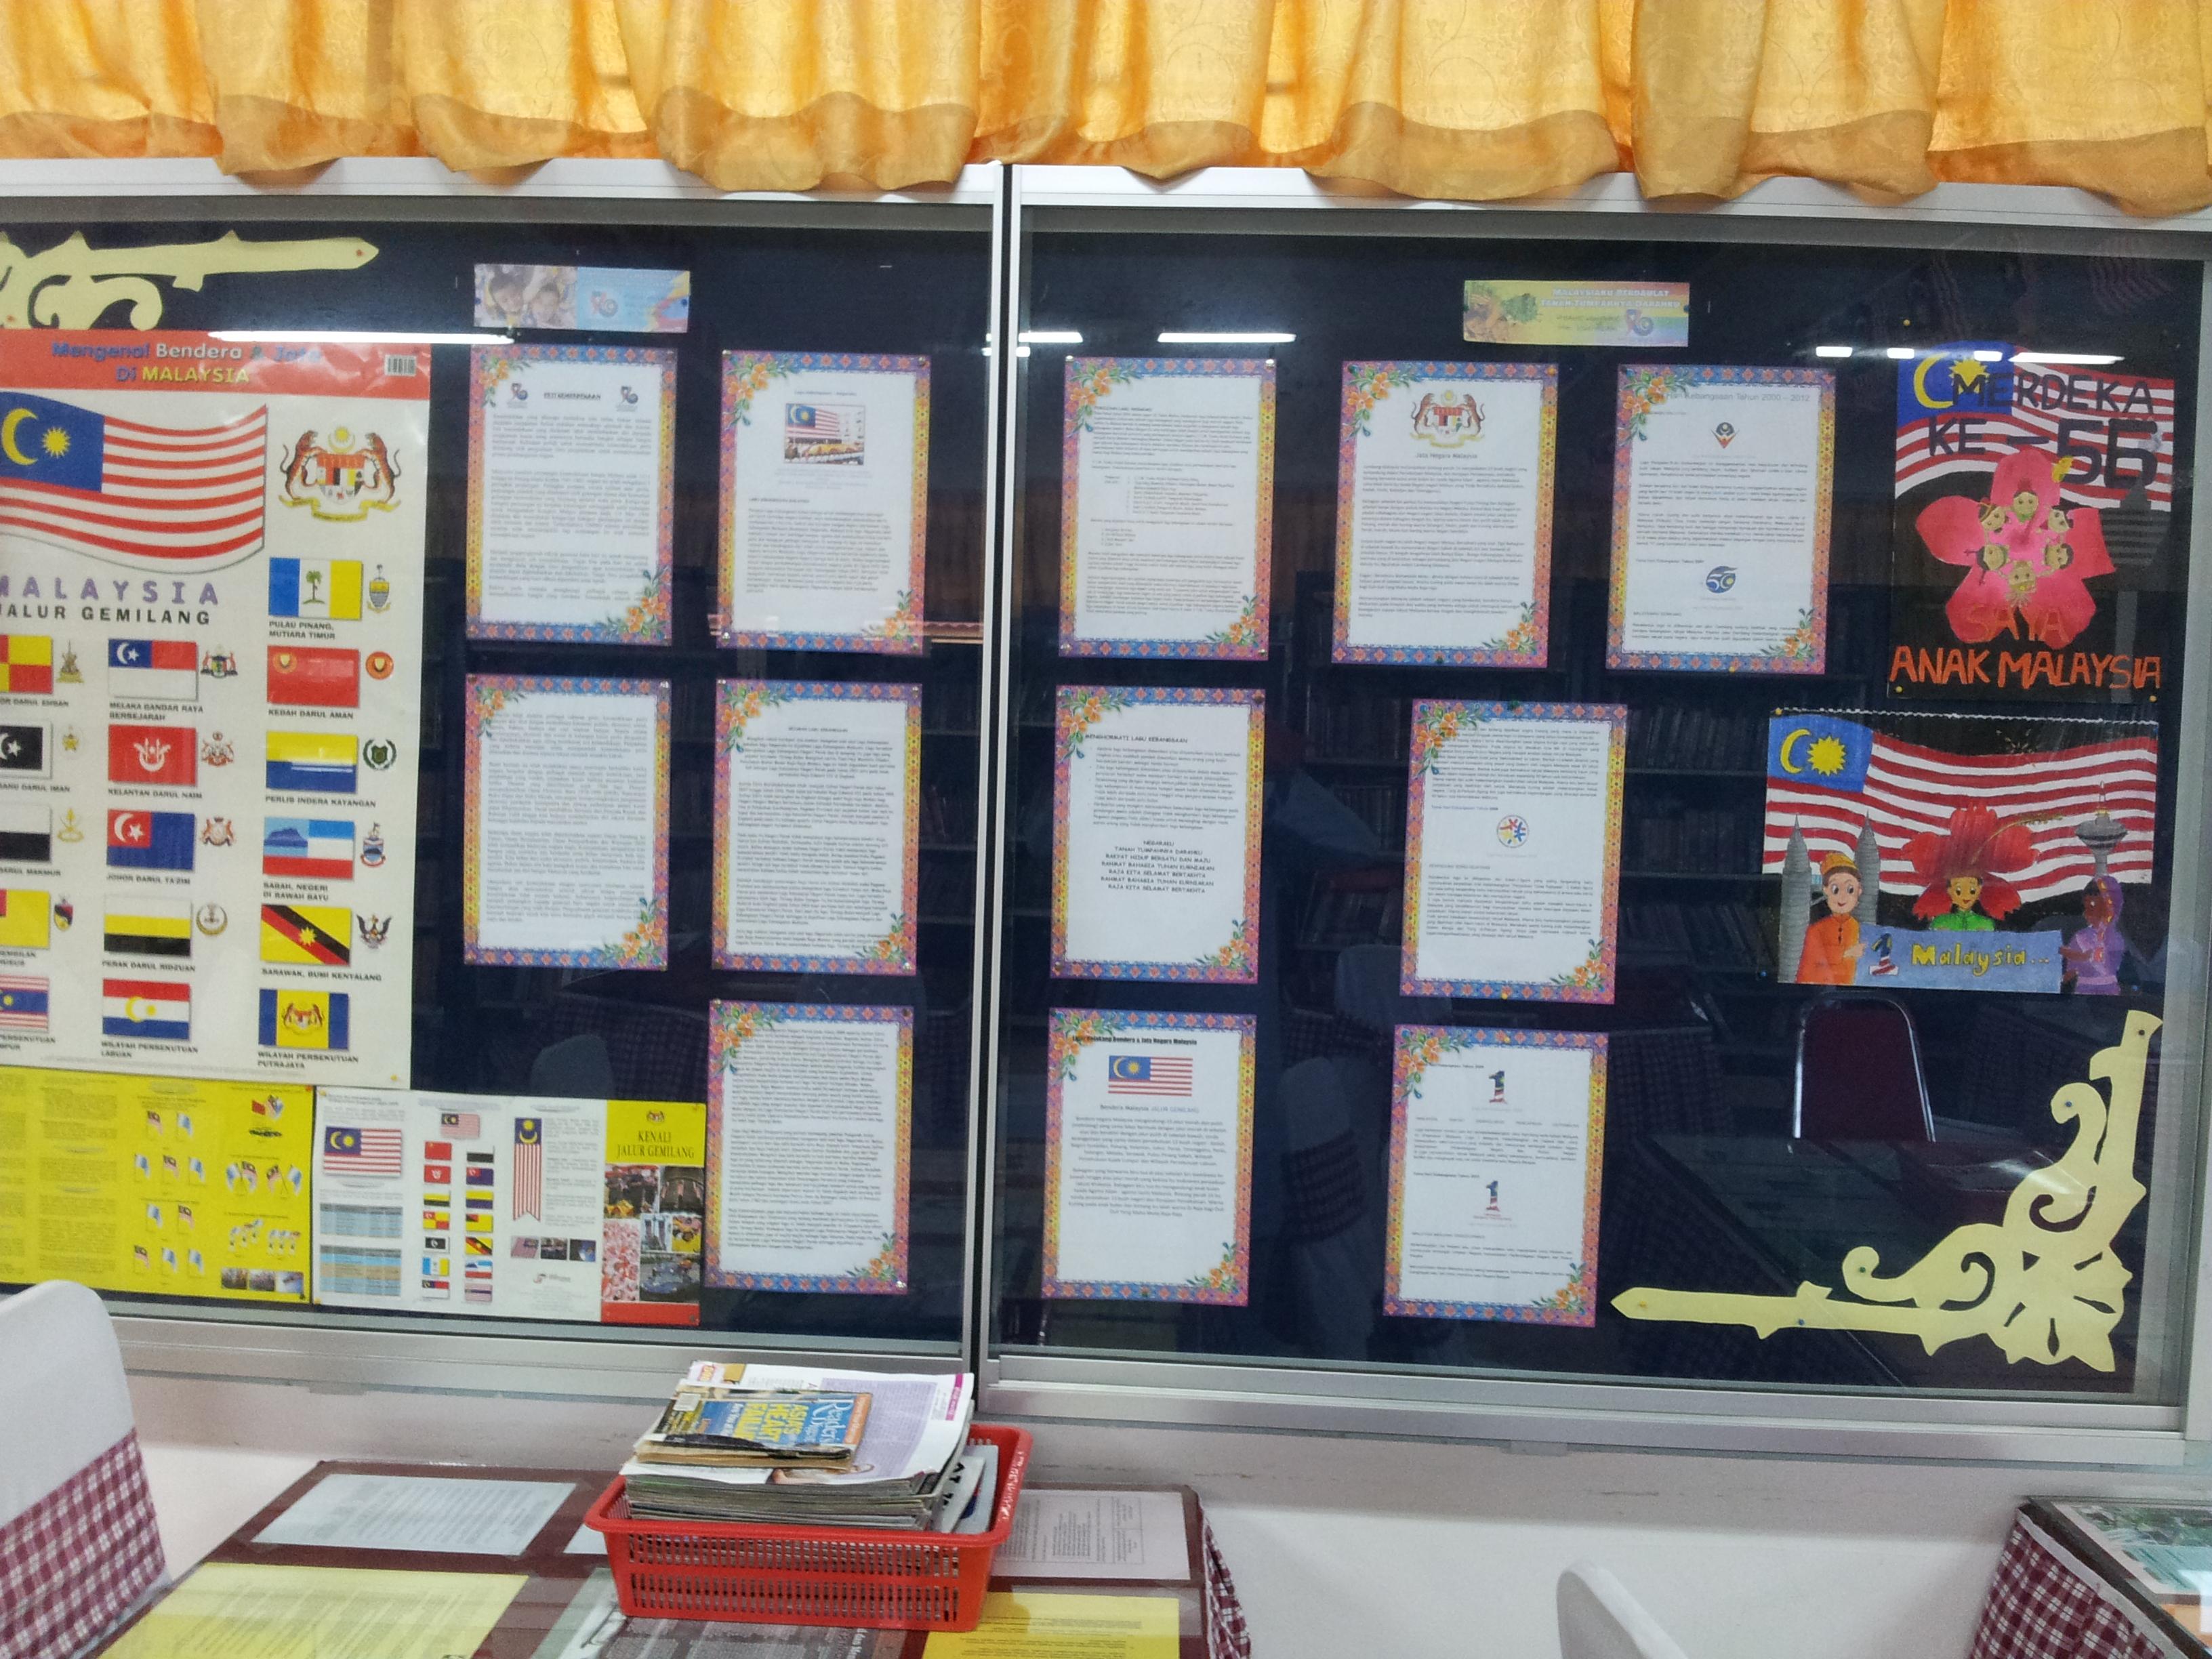 Guru Cemerlang Pusat Sumber Sekolah Pusat Sumber Nukleus Sekolah Kecil Tapi Signifikan